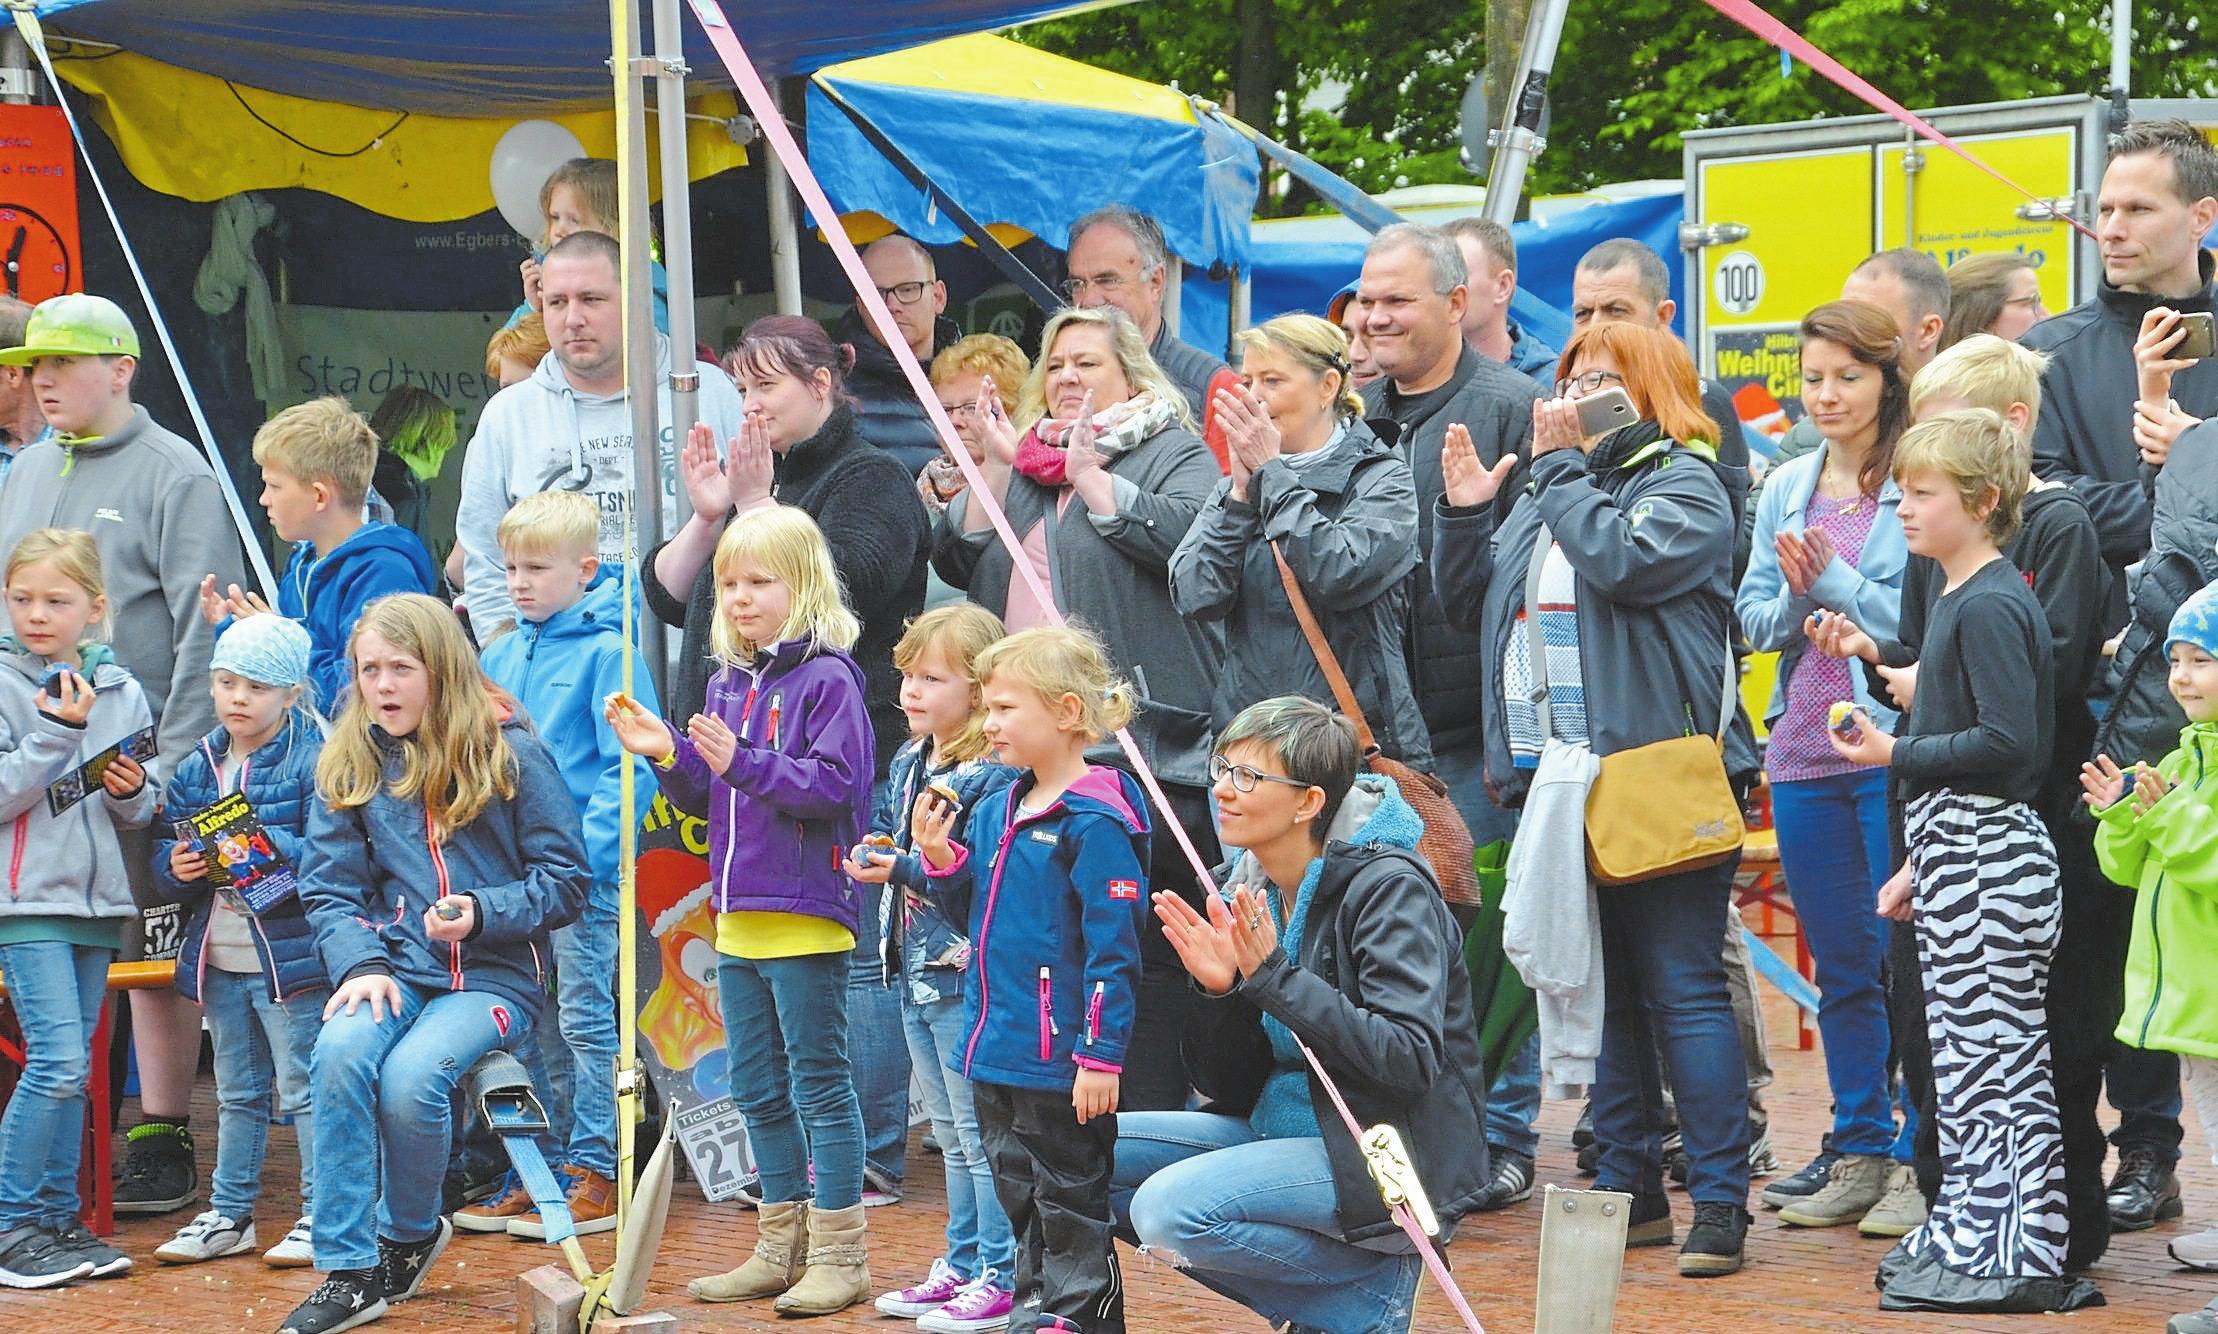 Der Circus Alfredo wird auch am kommenden Sonntag bestimmt wieder viele neugierige Besucher des Brunnenfests anlocken. Foto: Rainer Nix